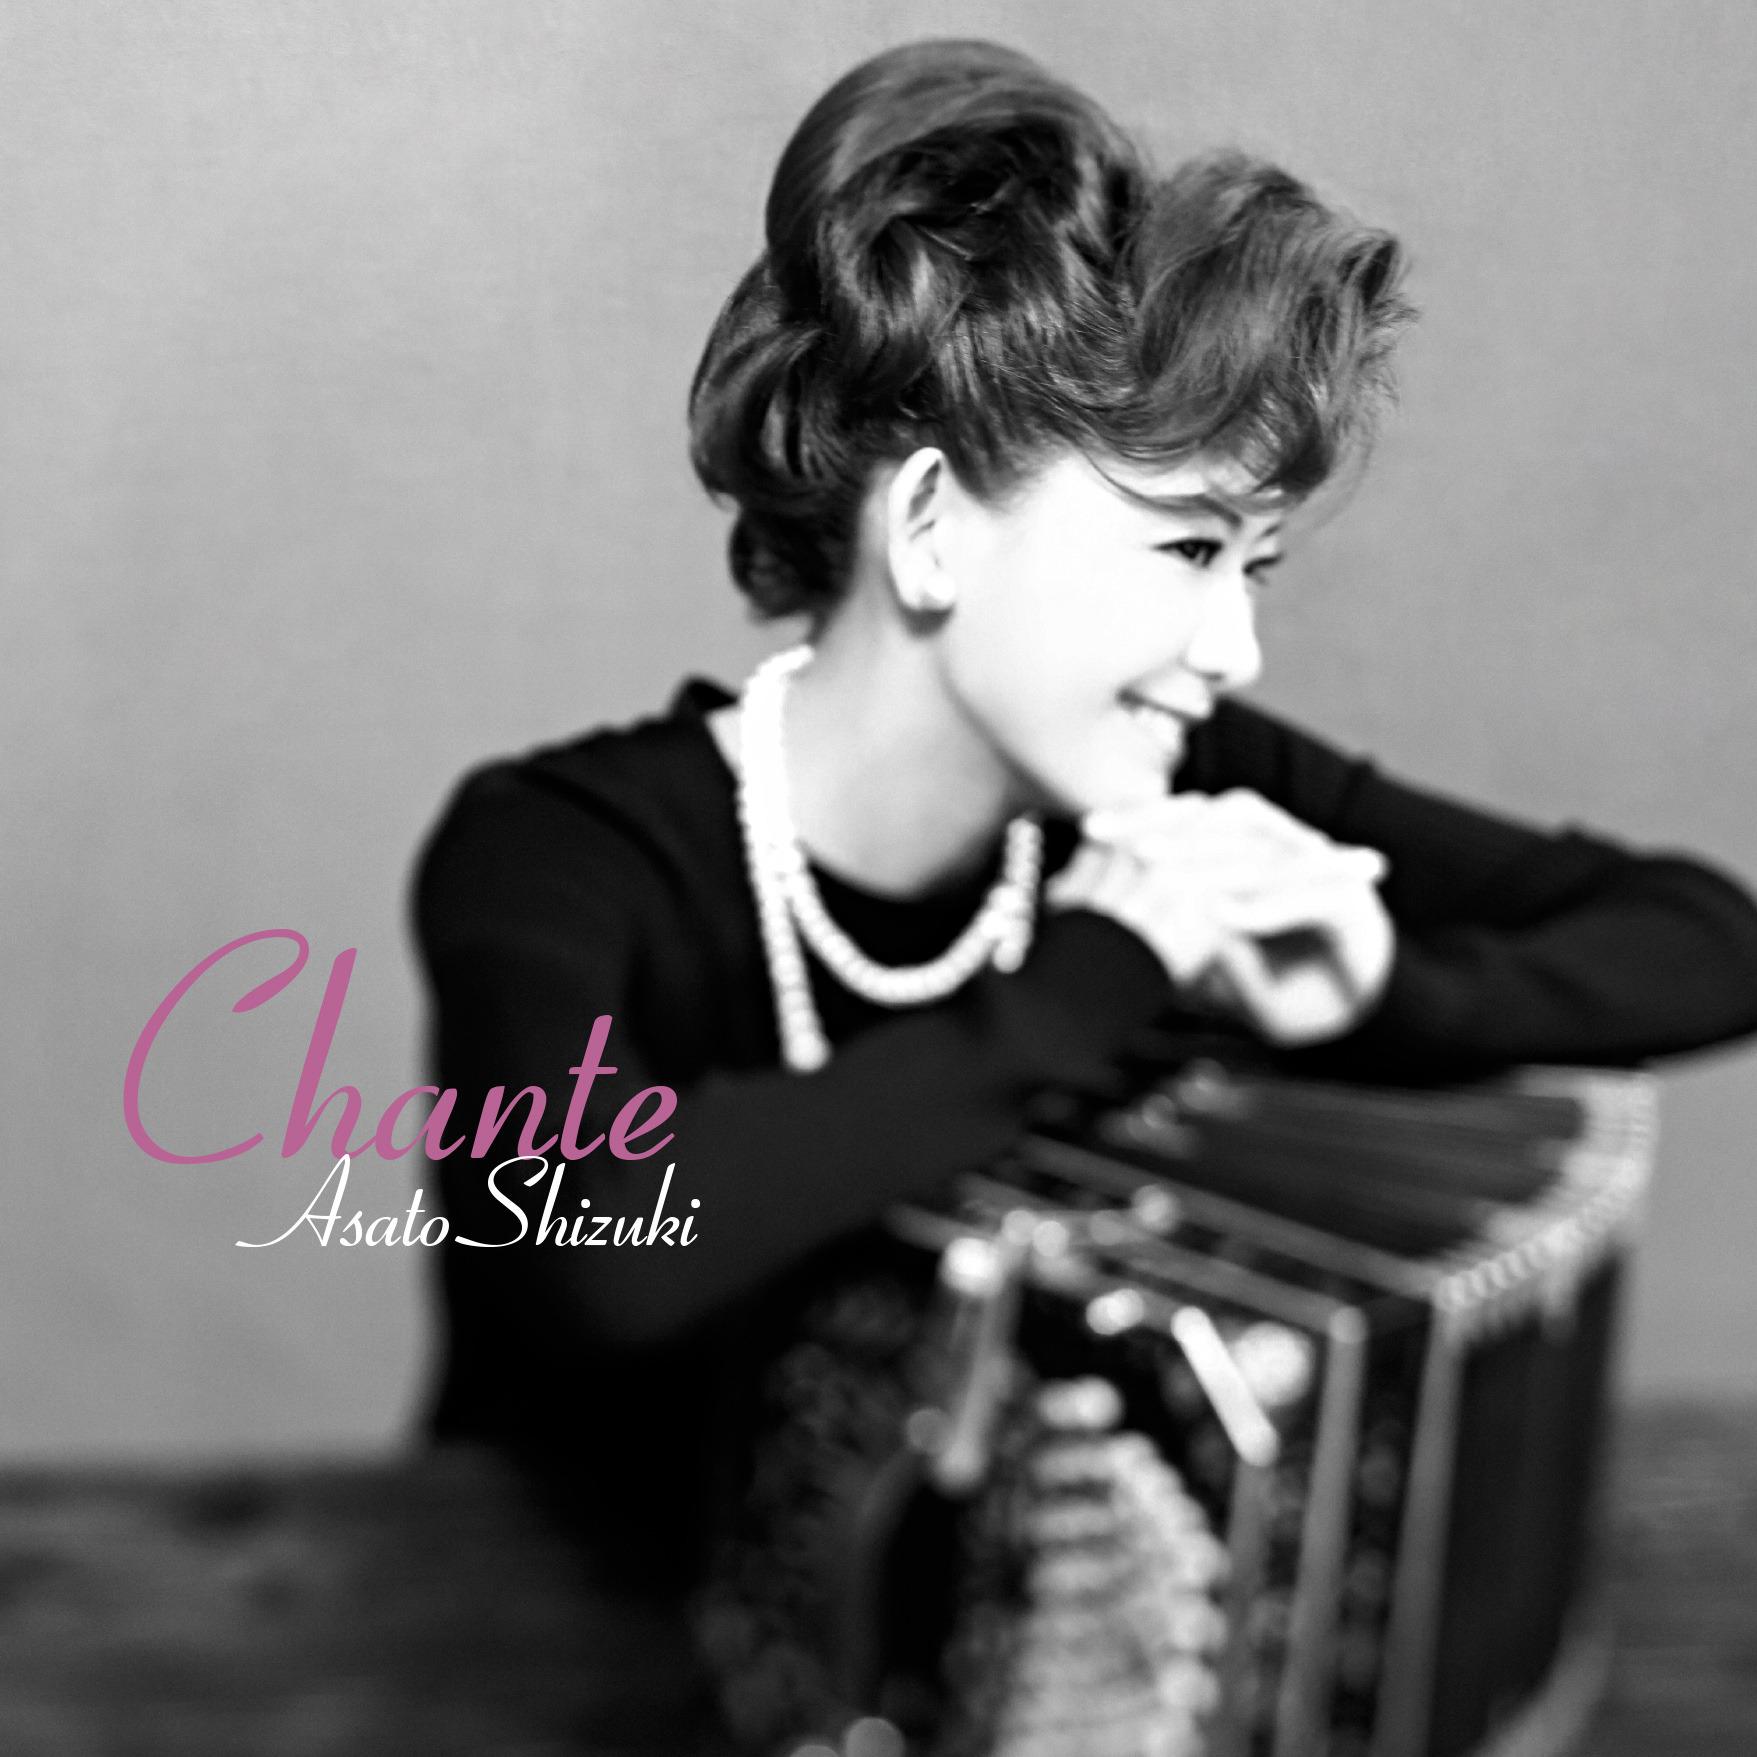 Chante_jk